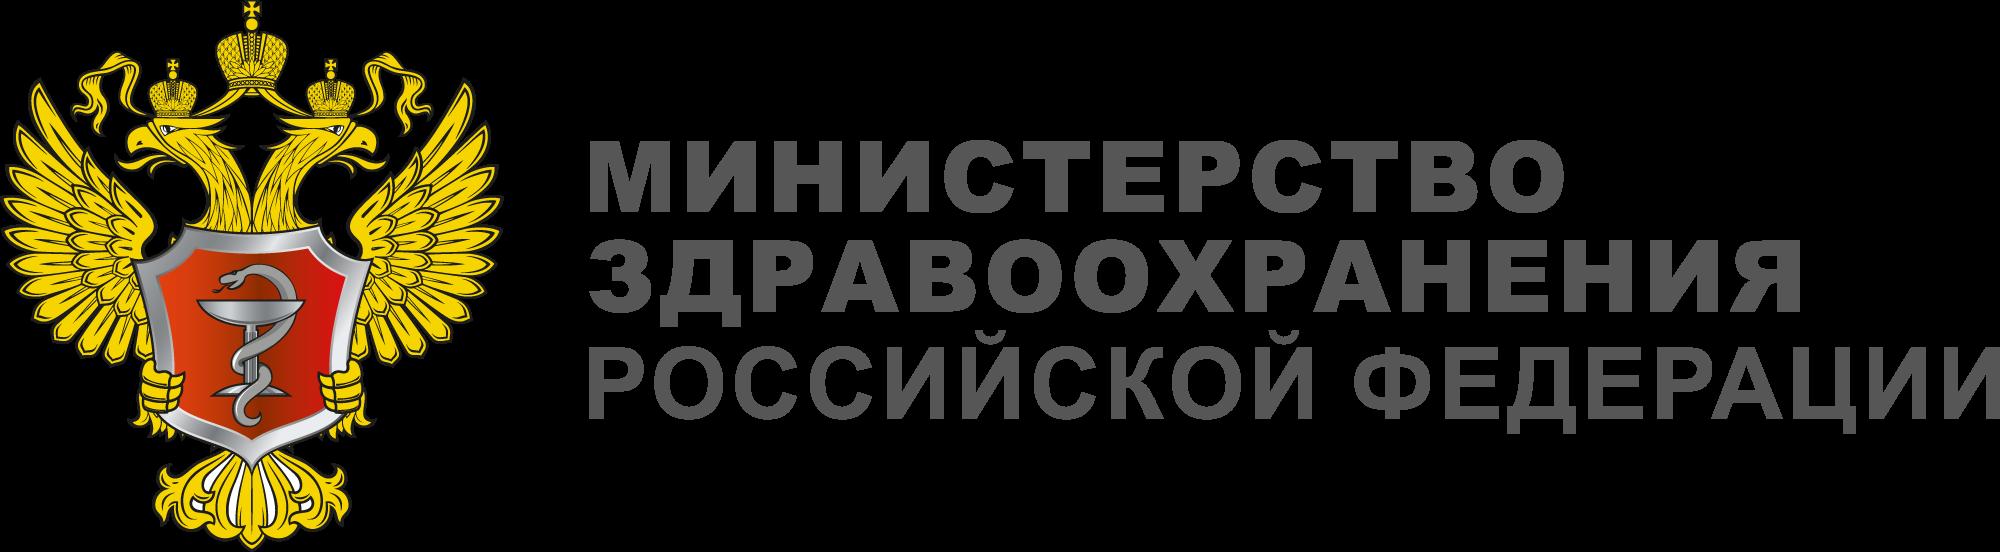 Векторная эмблема (герб) Министерства здравоохранения Российской Федерации